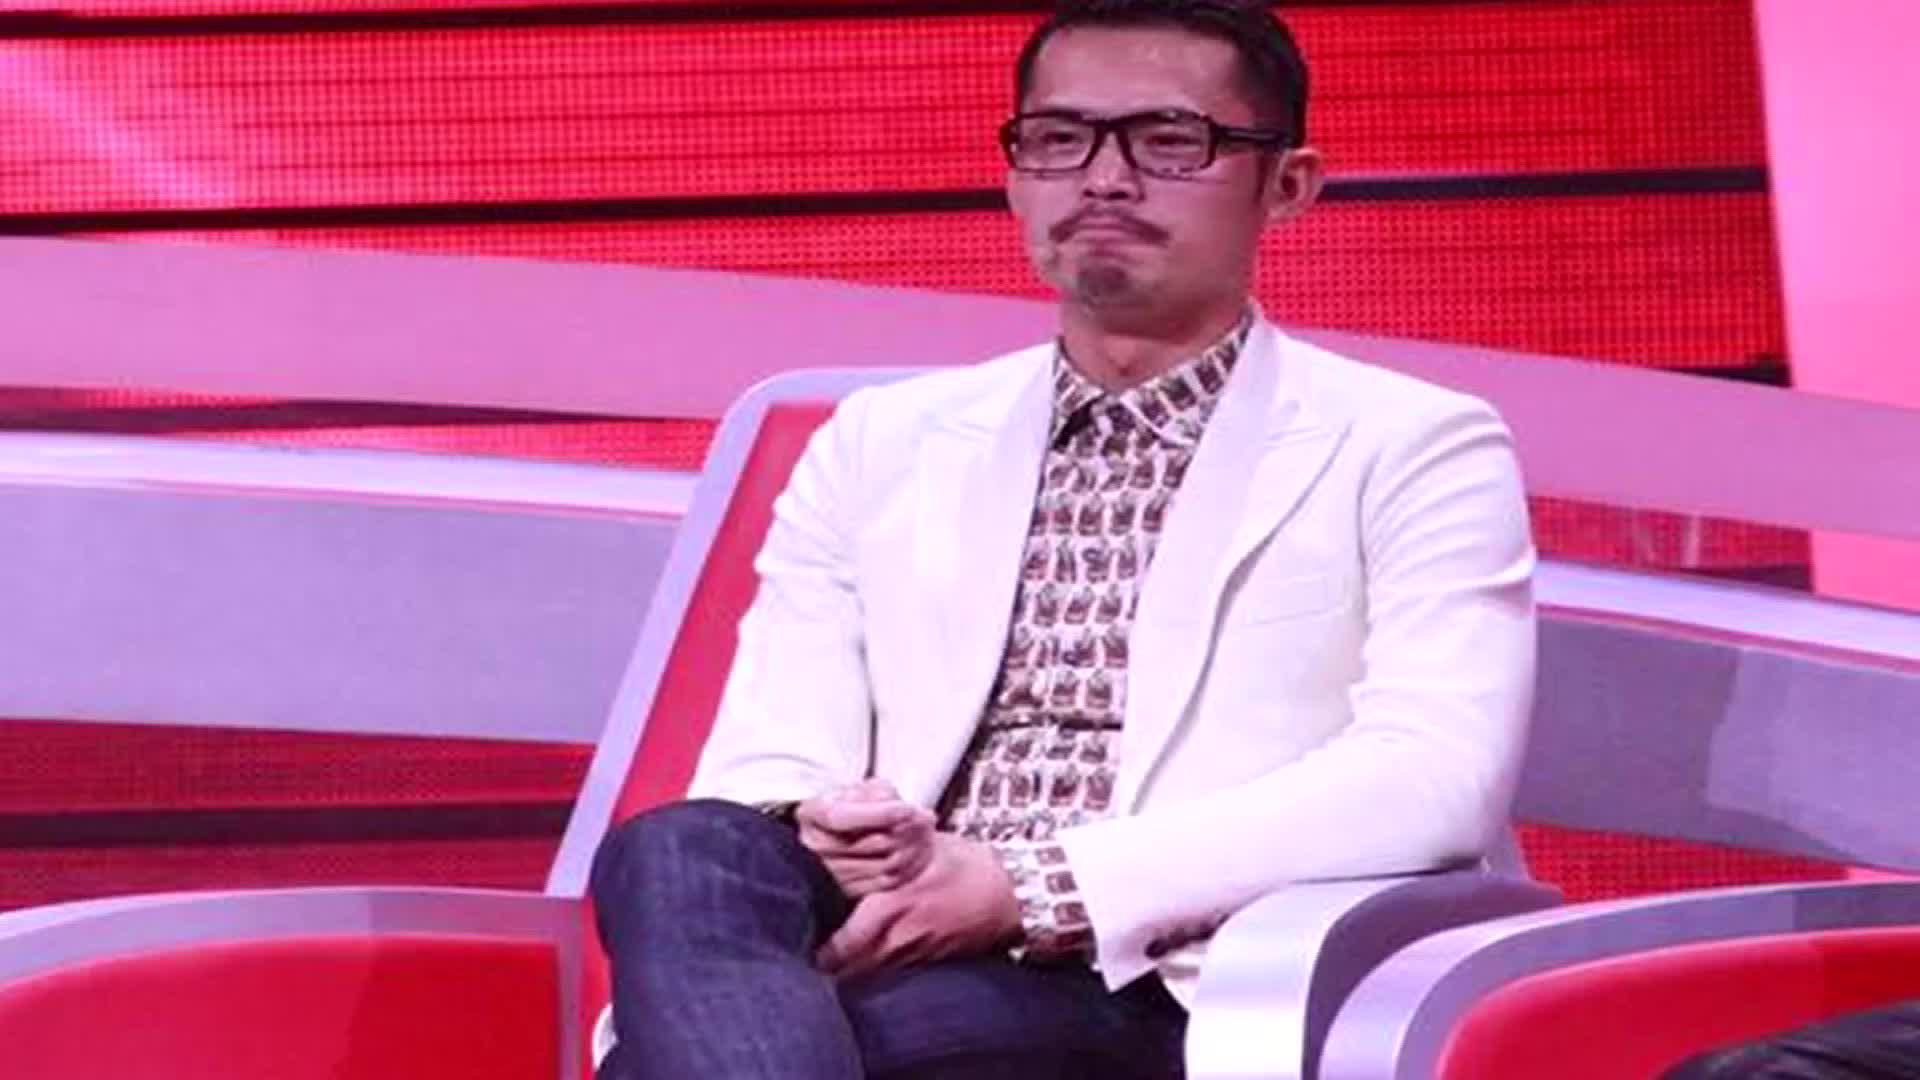 林丹退役亮相体育综艺节目 中国羽毛球队默默蓄力低调前行